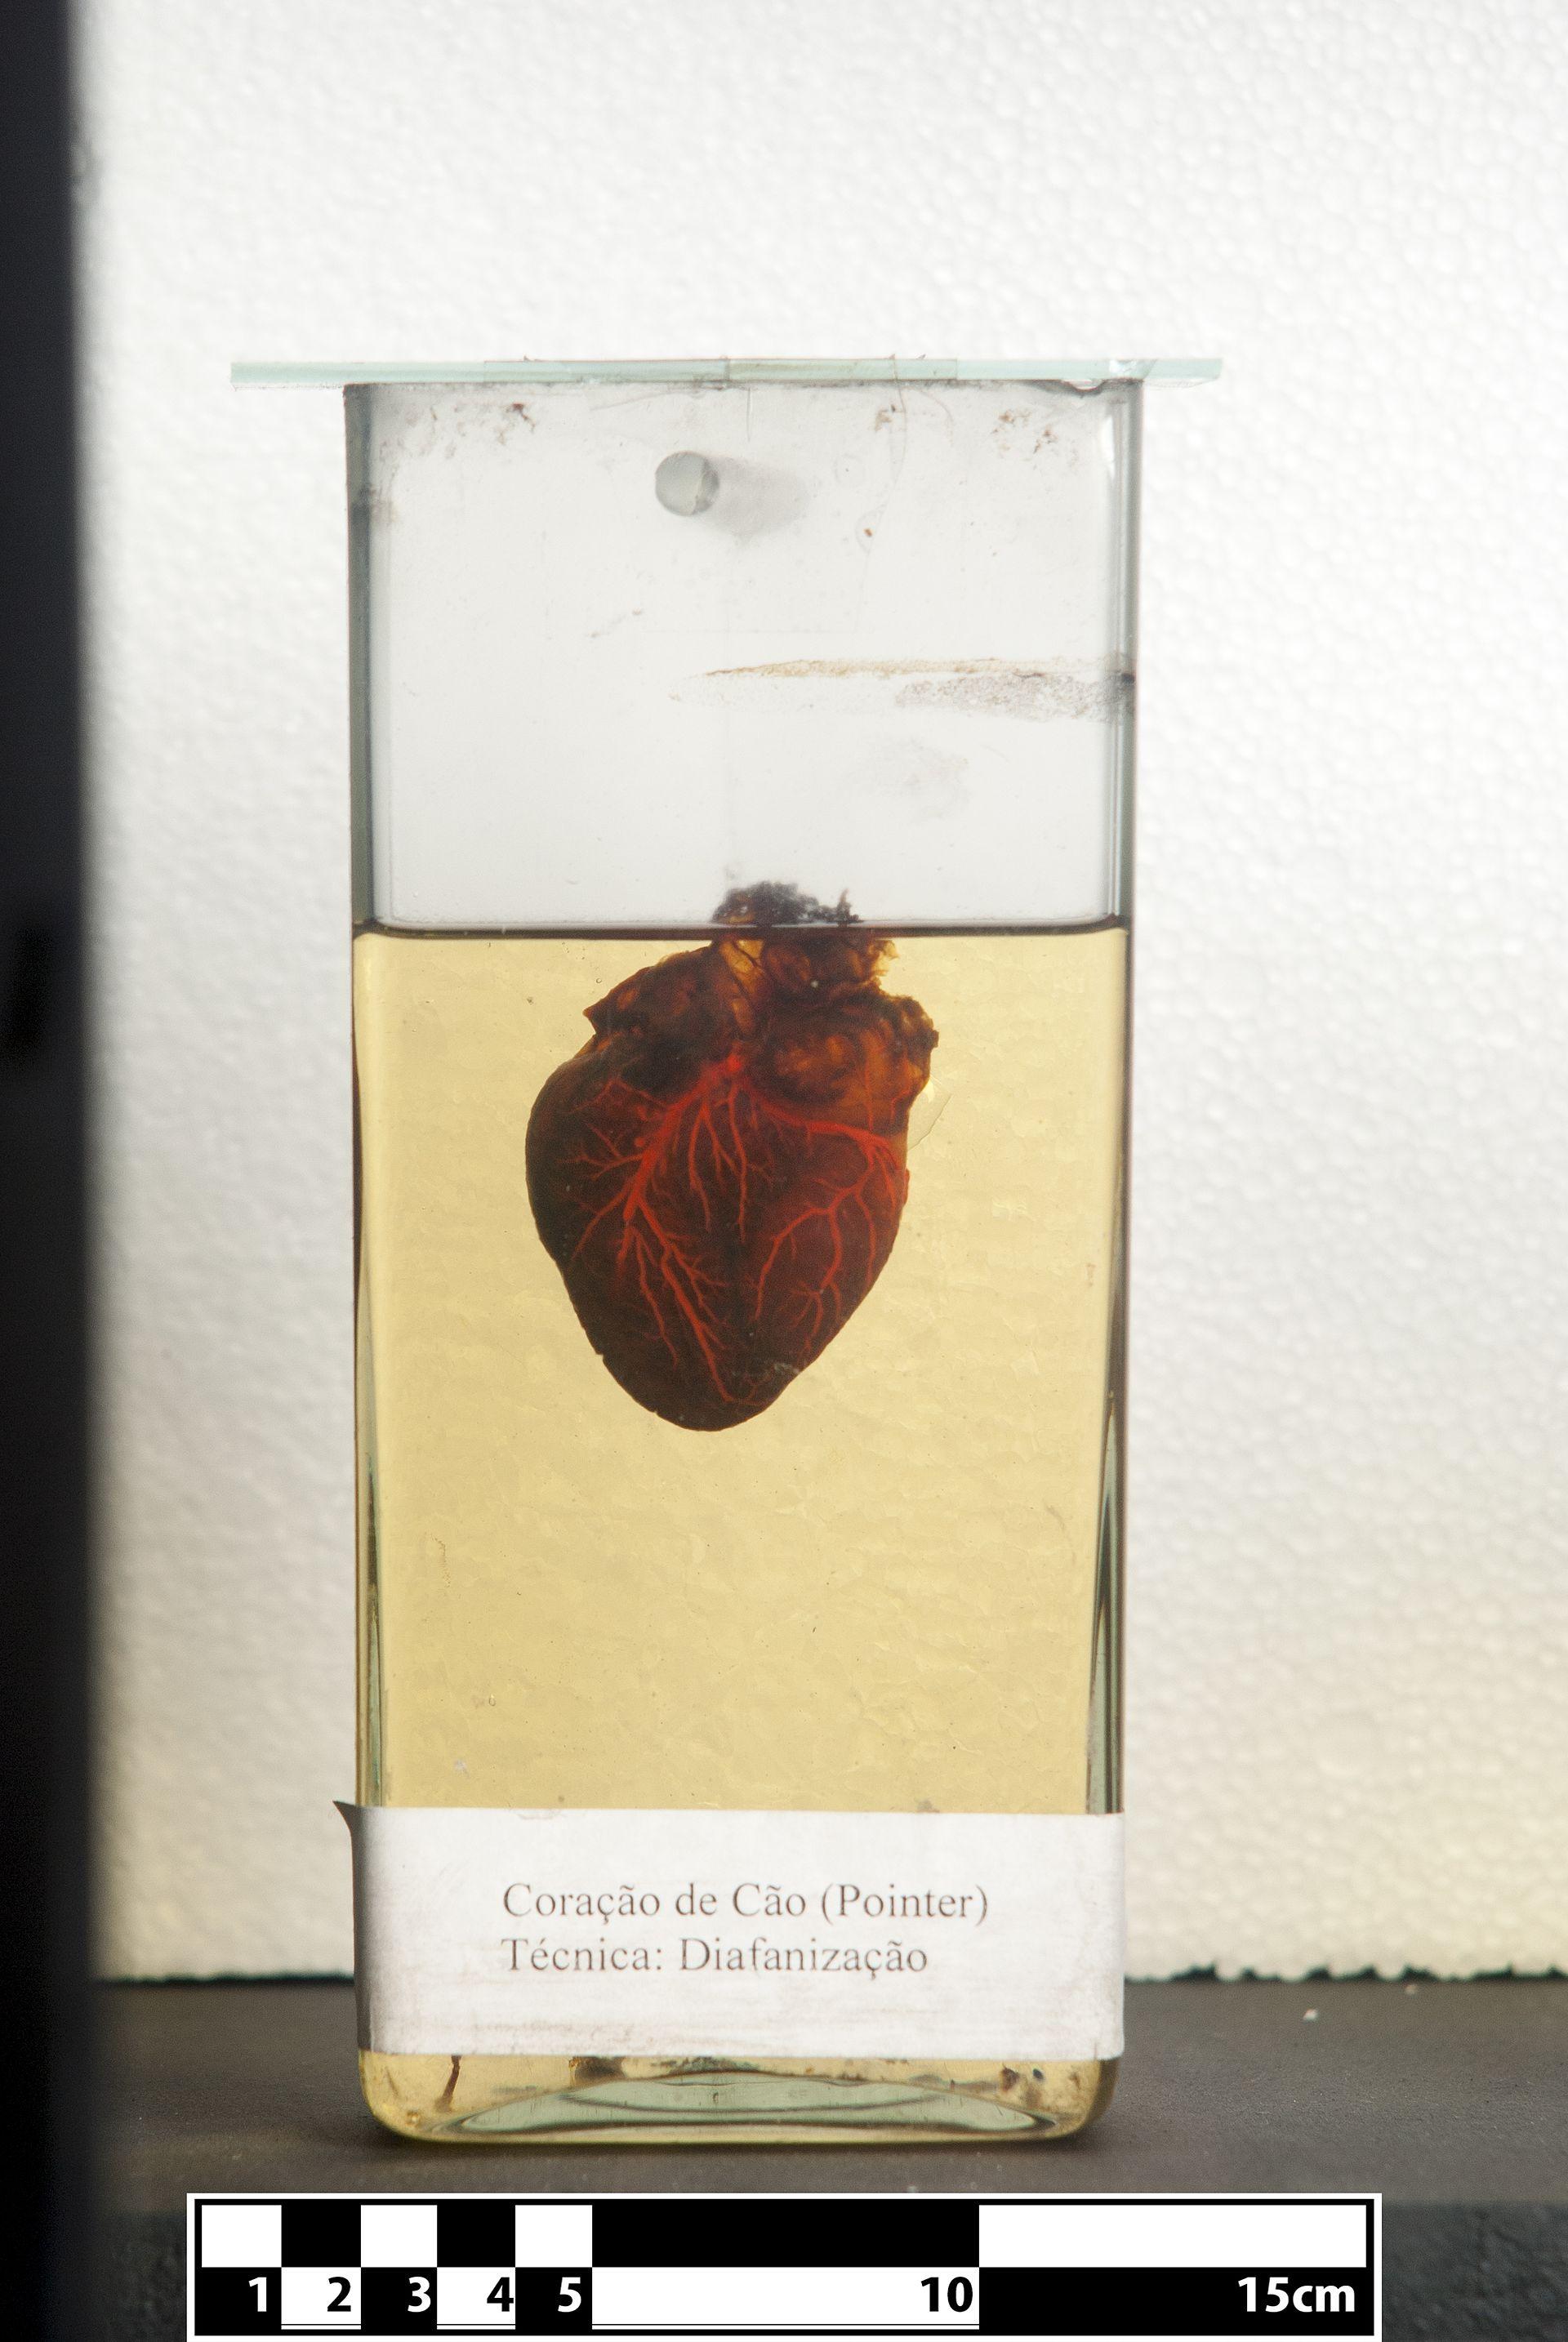 Heart Valve Dysplasia